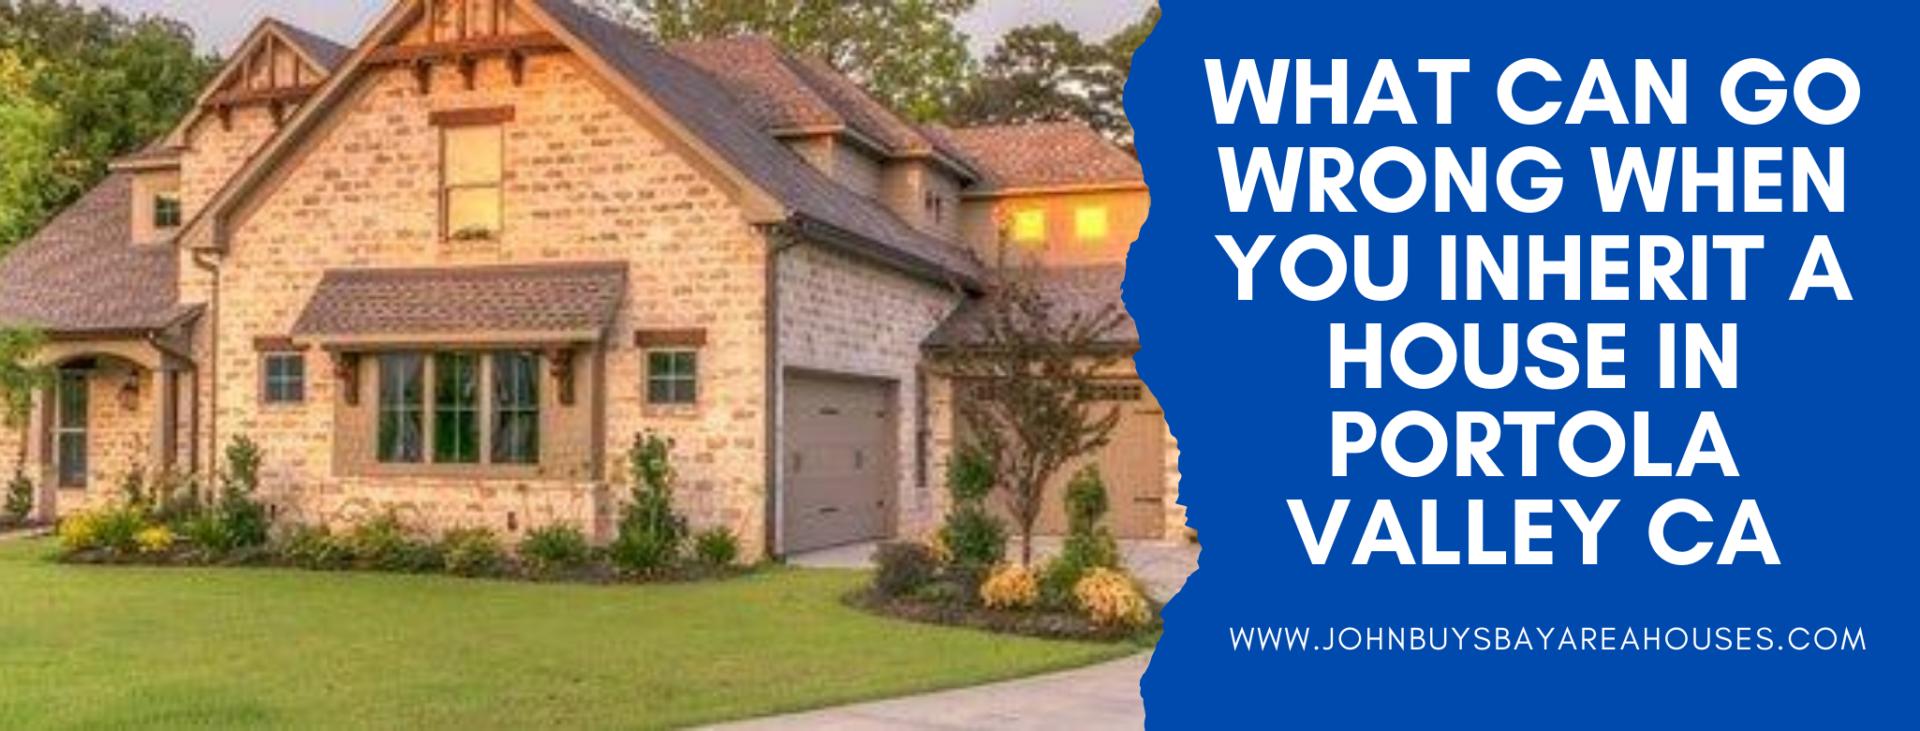 We buy properties in Portola Valley CA